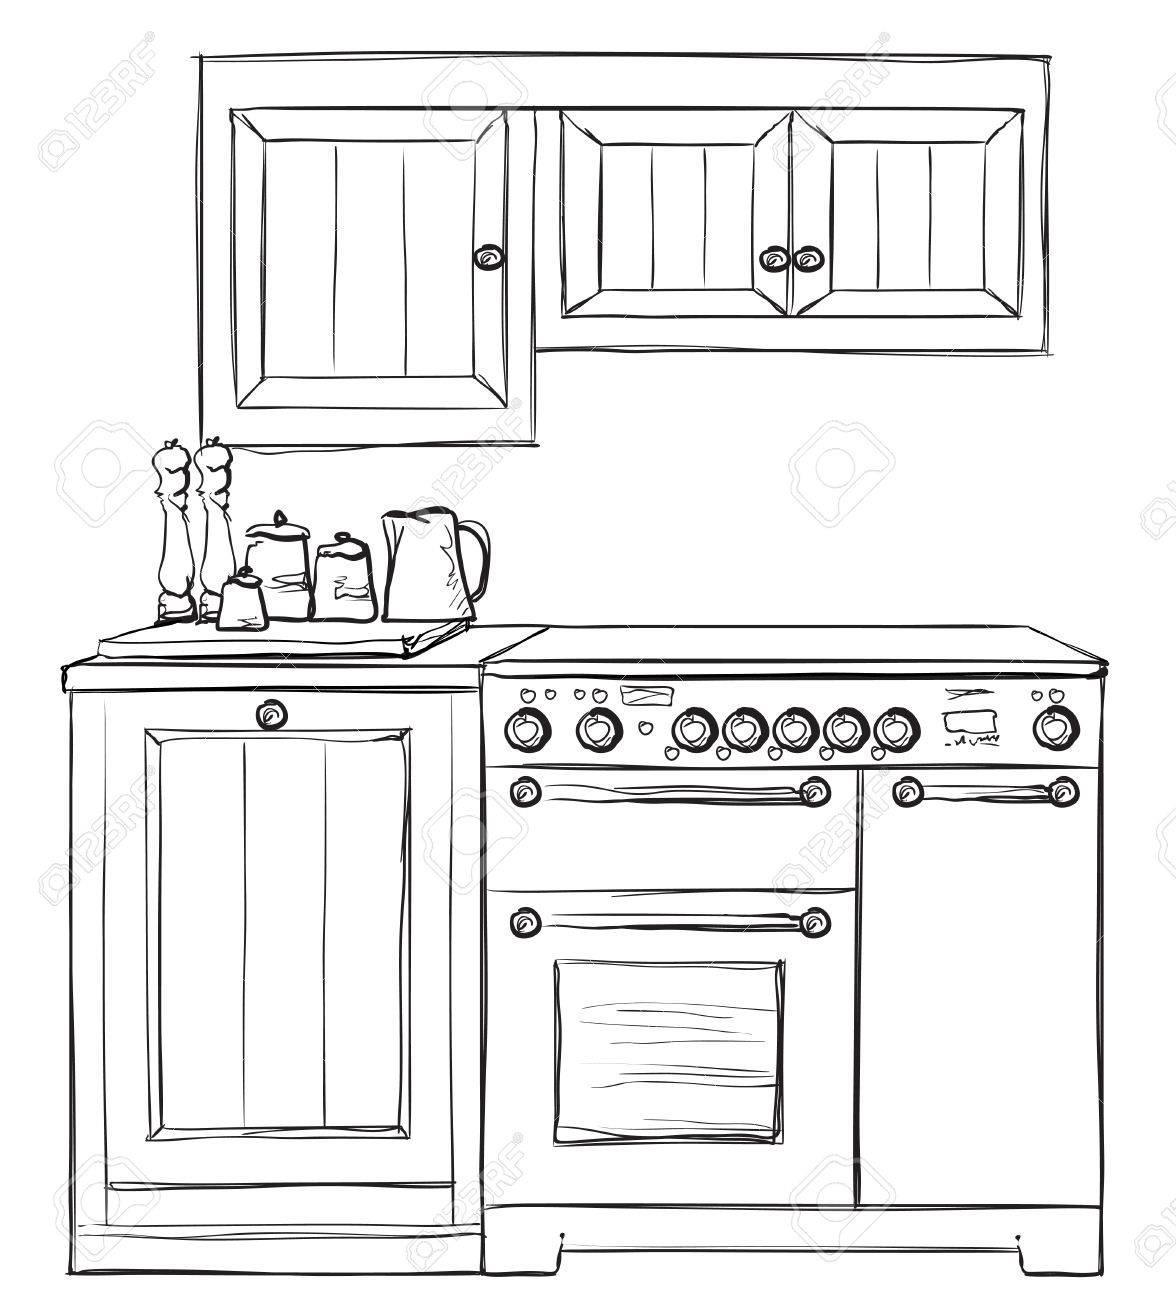 Küchenmöbel Skizze Hand Gezeichnet Schrank Innere Lizenzfrei